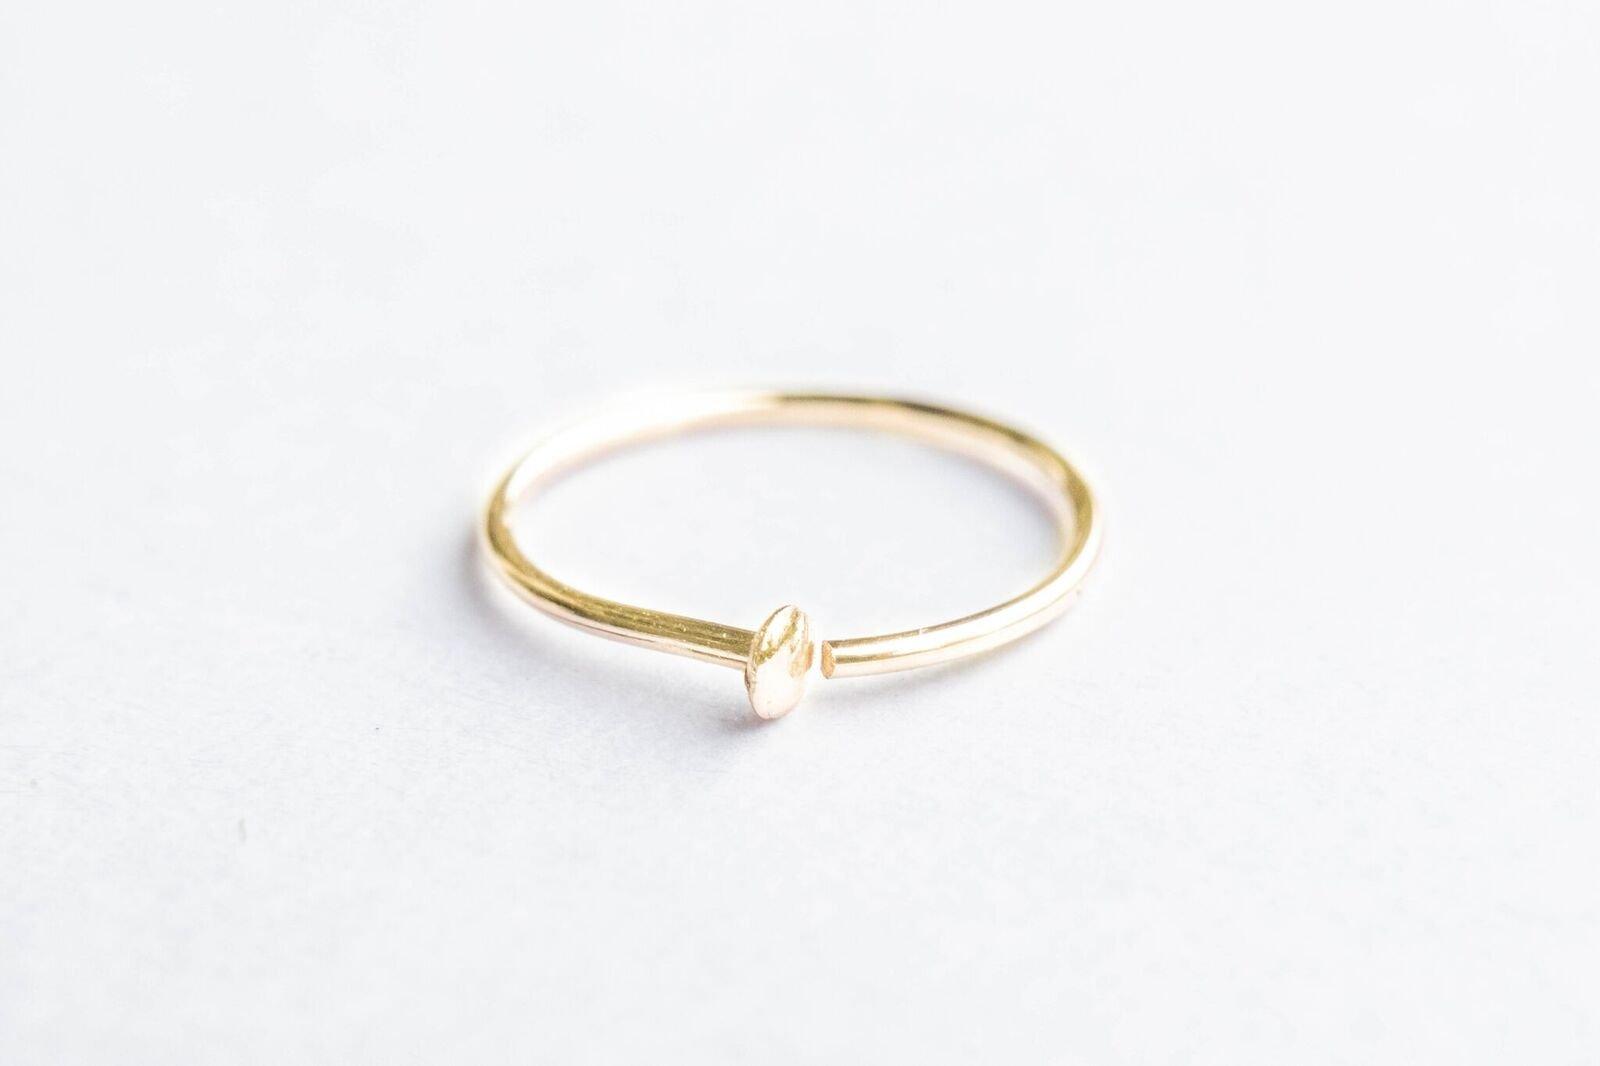 Gold Nail Nose Ring - 24 Gauge 7-9 mm